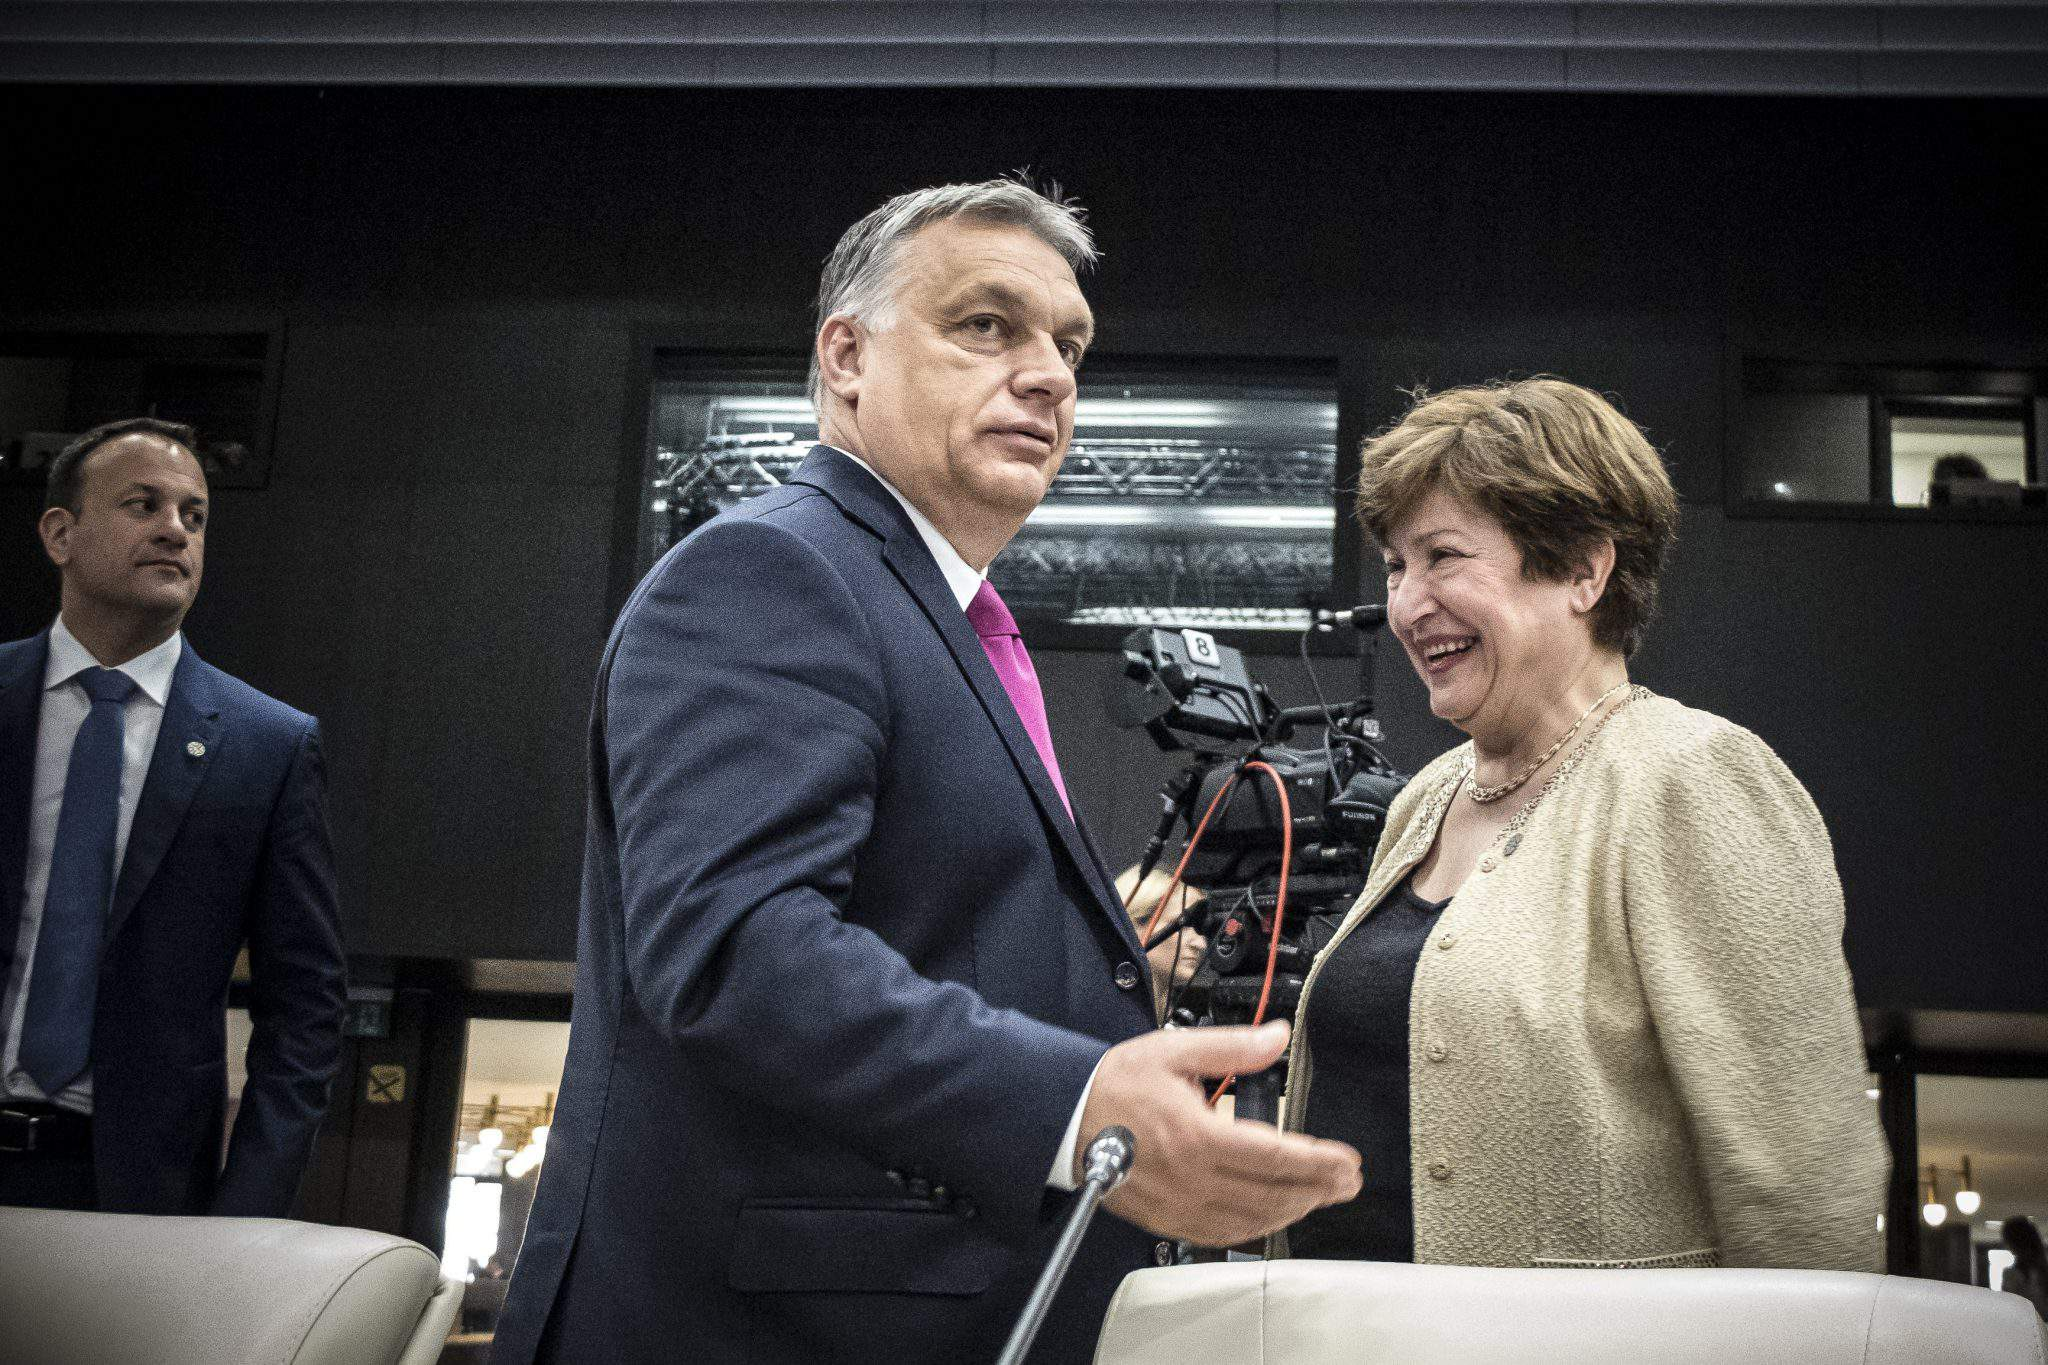 Orbán EU Hungary